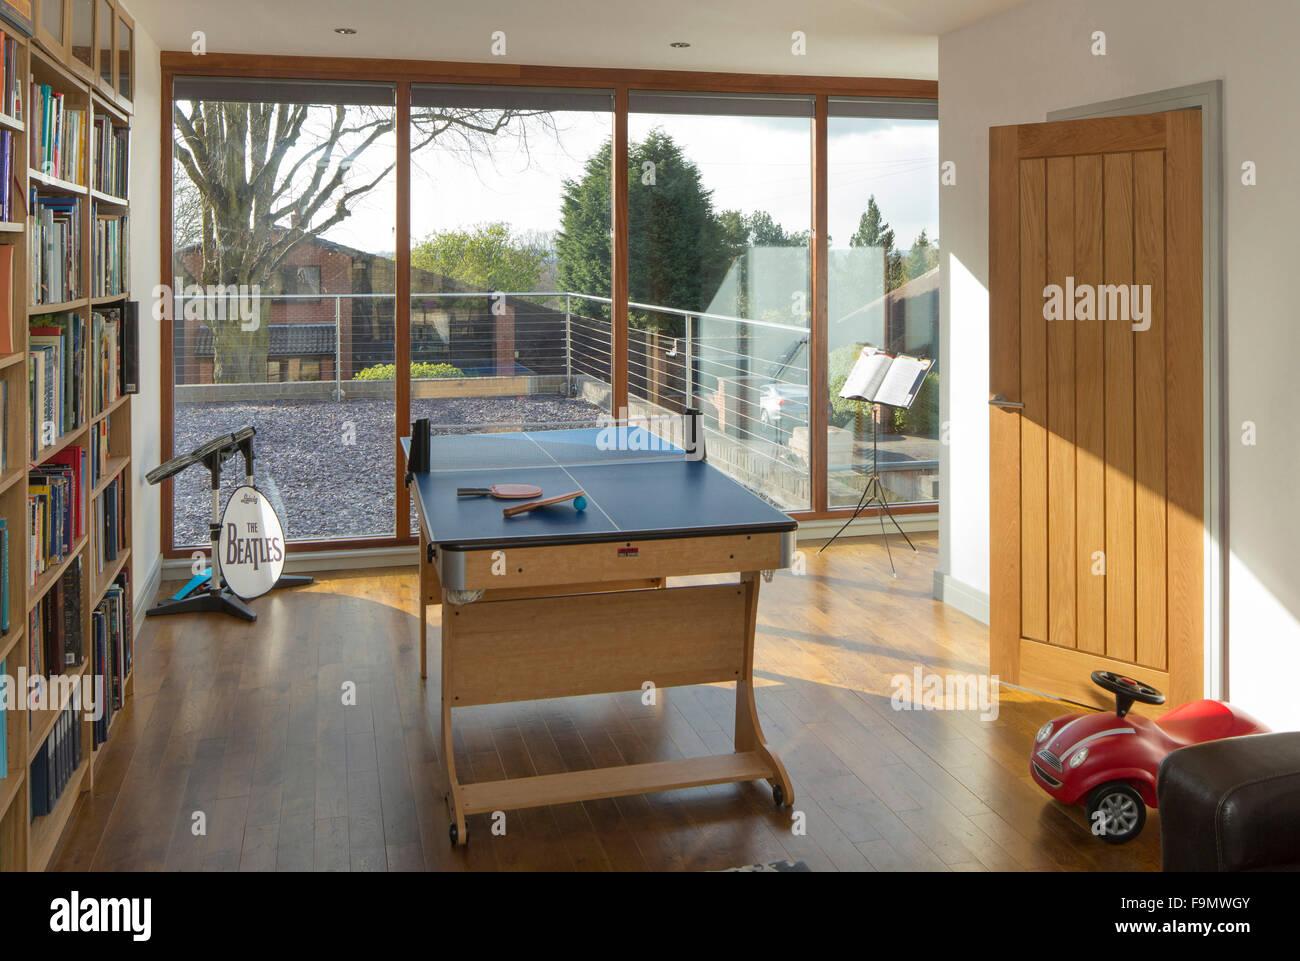 Sala giochi mostra pavimento in legno e tavolo da ping pong. Lunghezza di caduta porte scorrevoli di vetro su di Immagini Stock